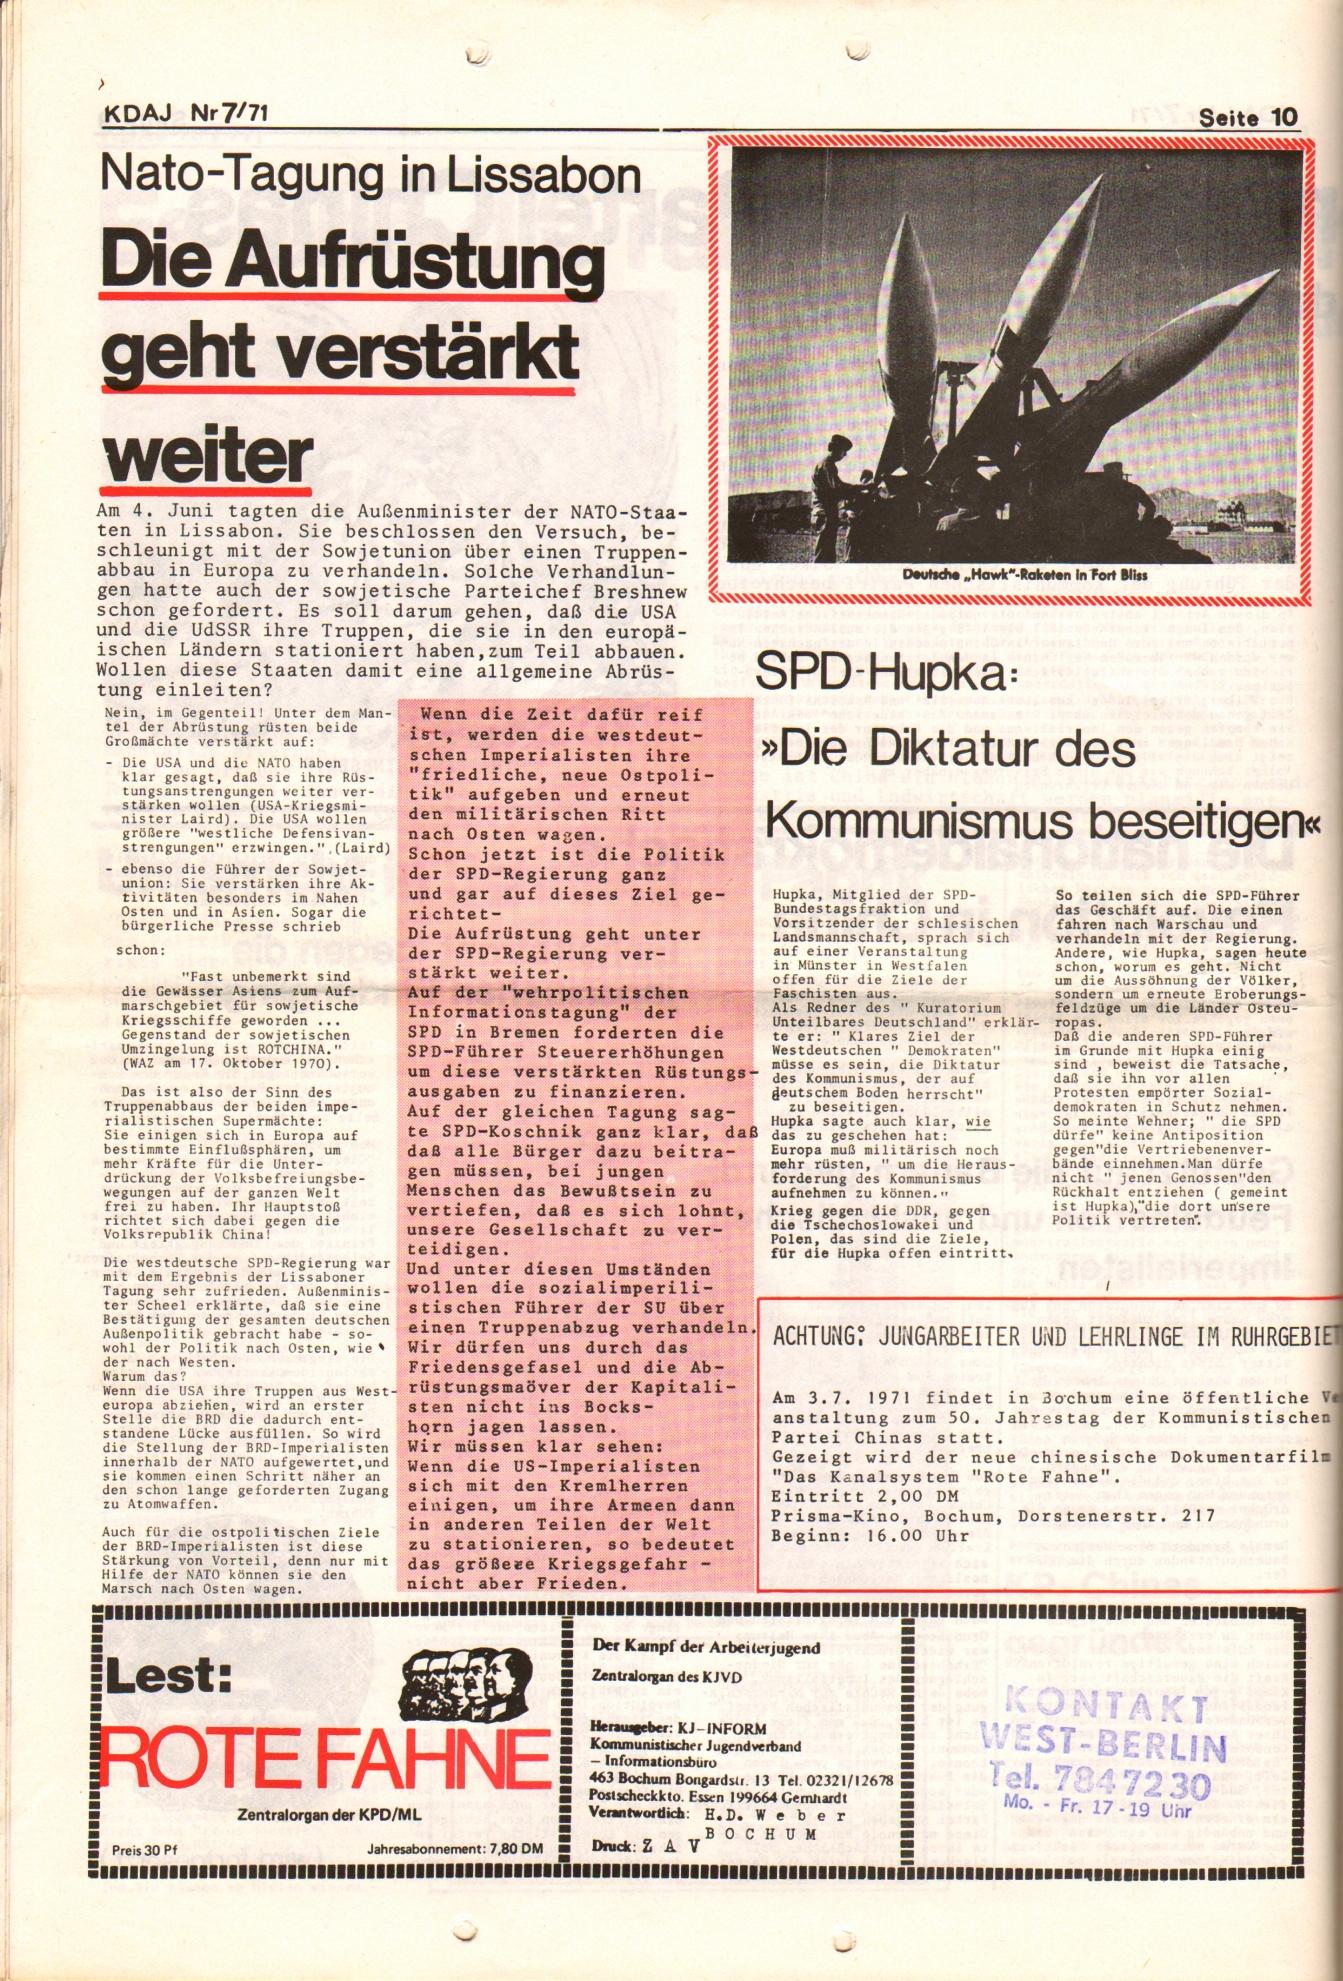 KDAJ, 2. Jg., Juli 1971, Nr. 7, Seite 10